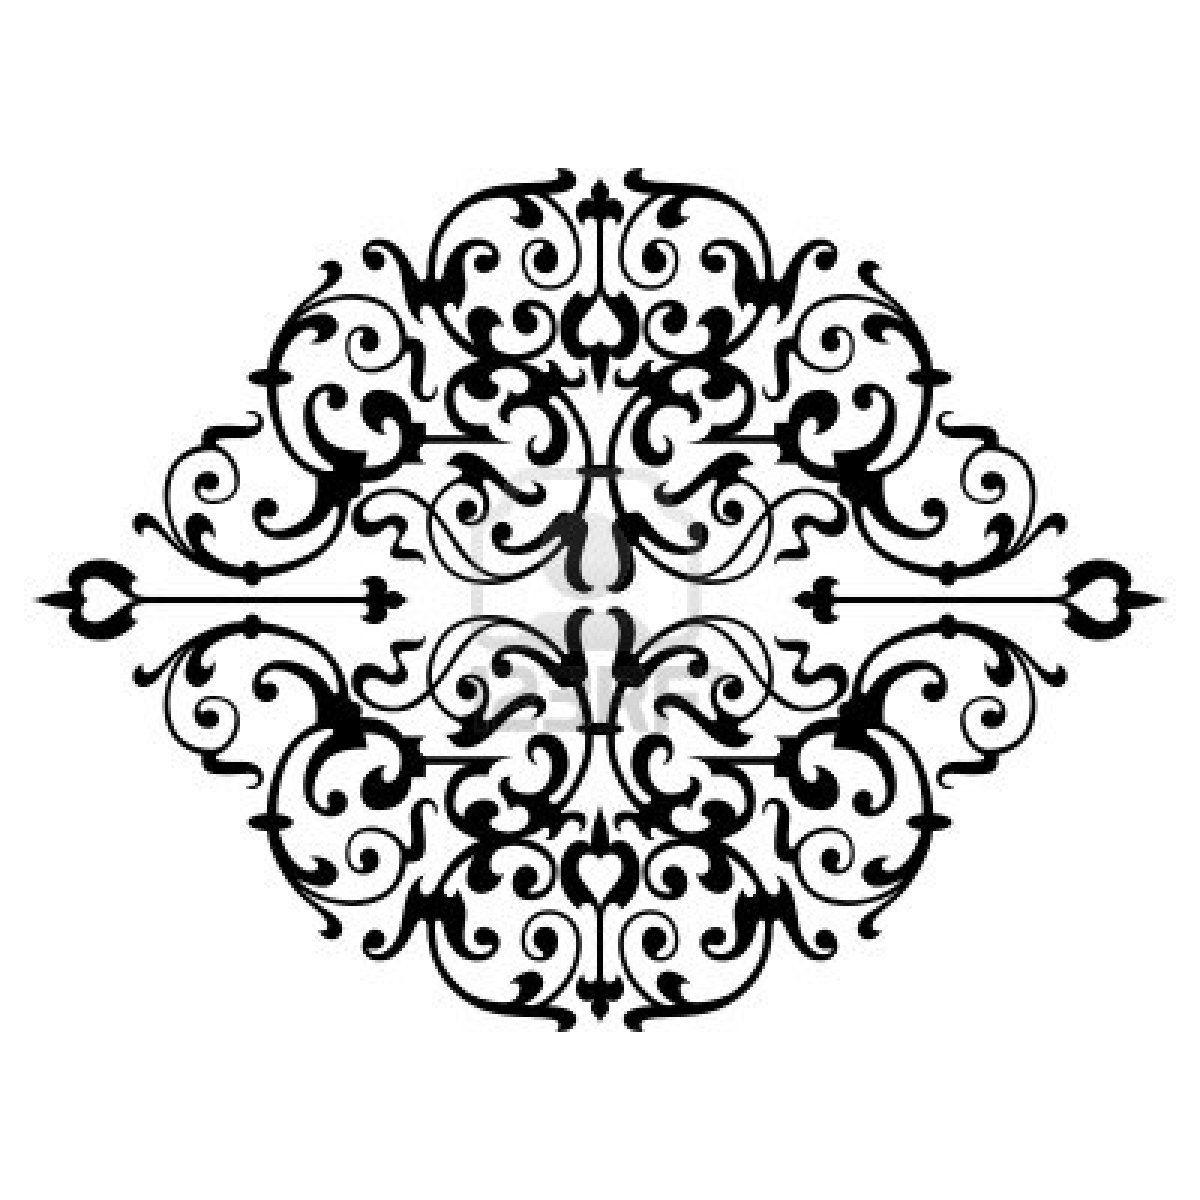 victorian ornamental designs - Google Search